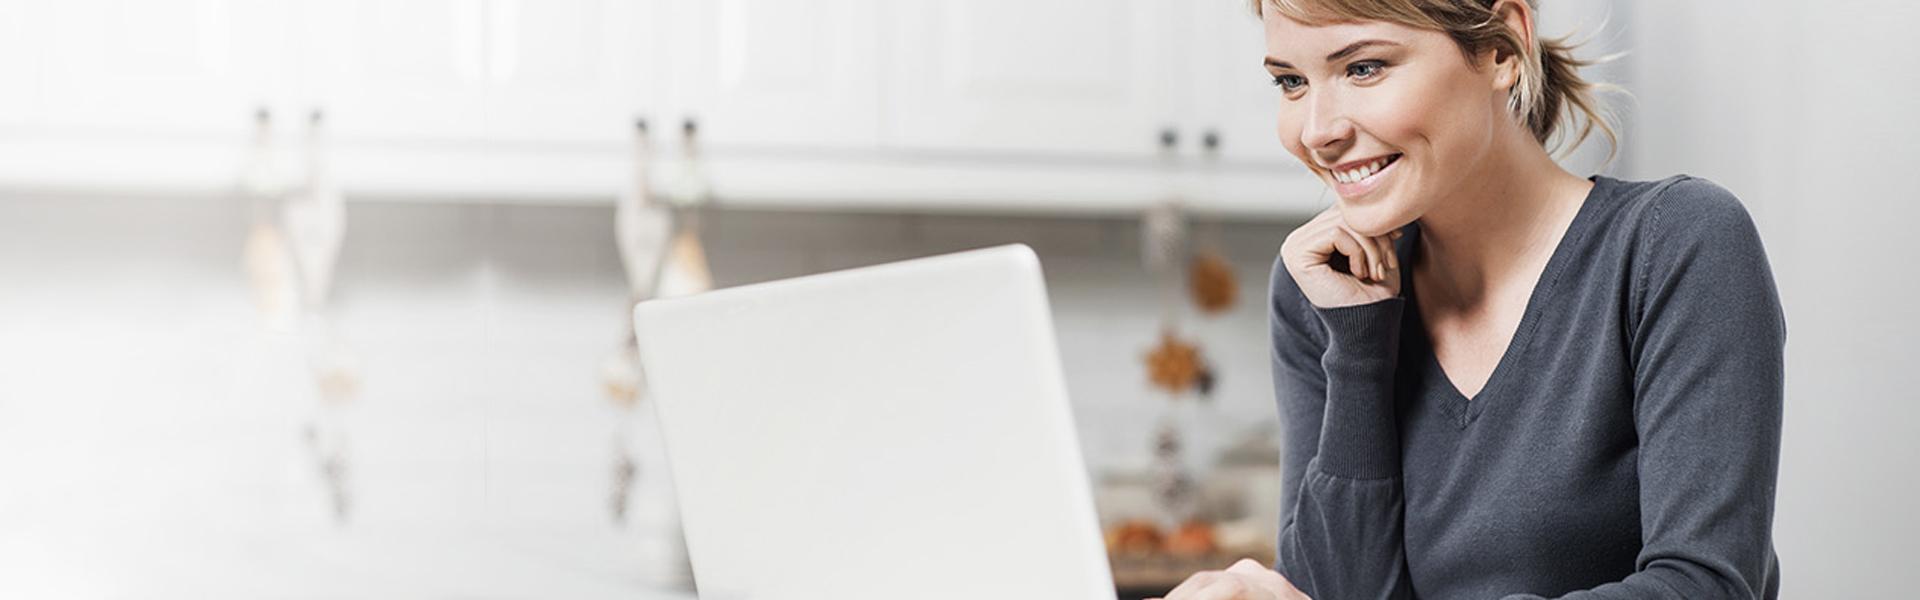 La piattaforma online delle conoscenze per odontotecnici e odontoiatri